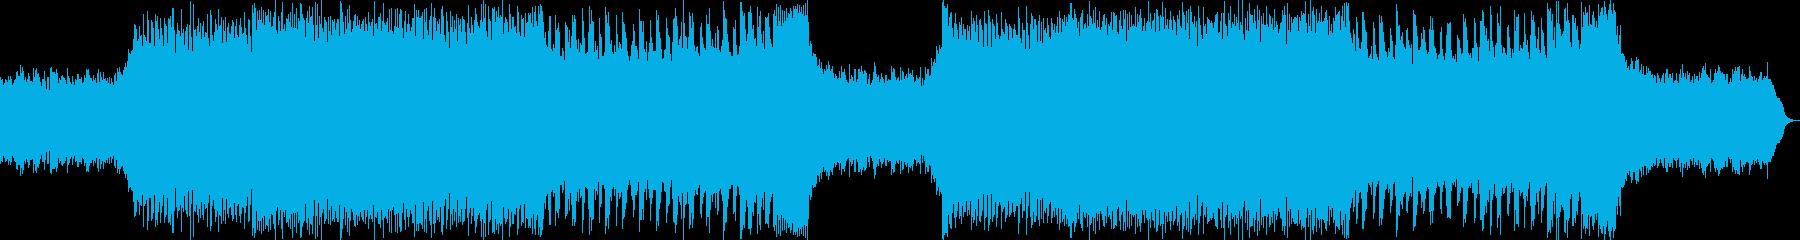 切ない雰囲気のアコースティックダンスBGの再生済みの波形